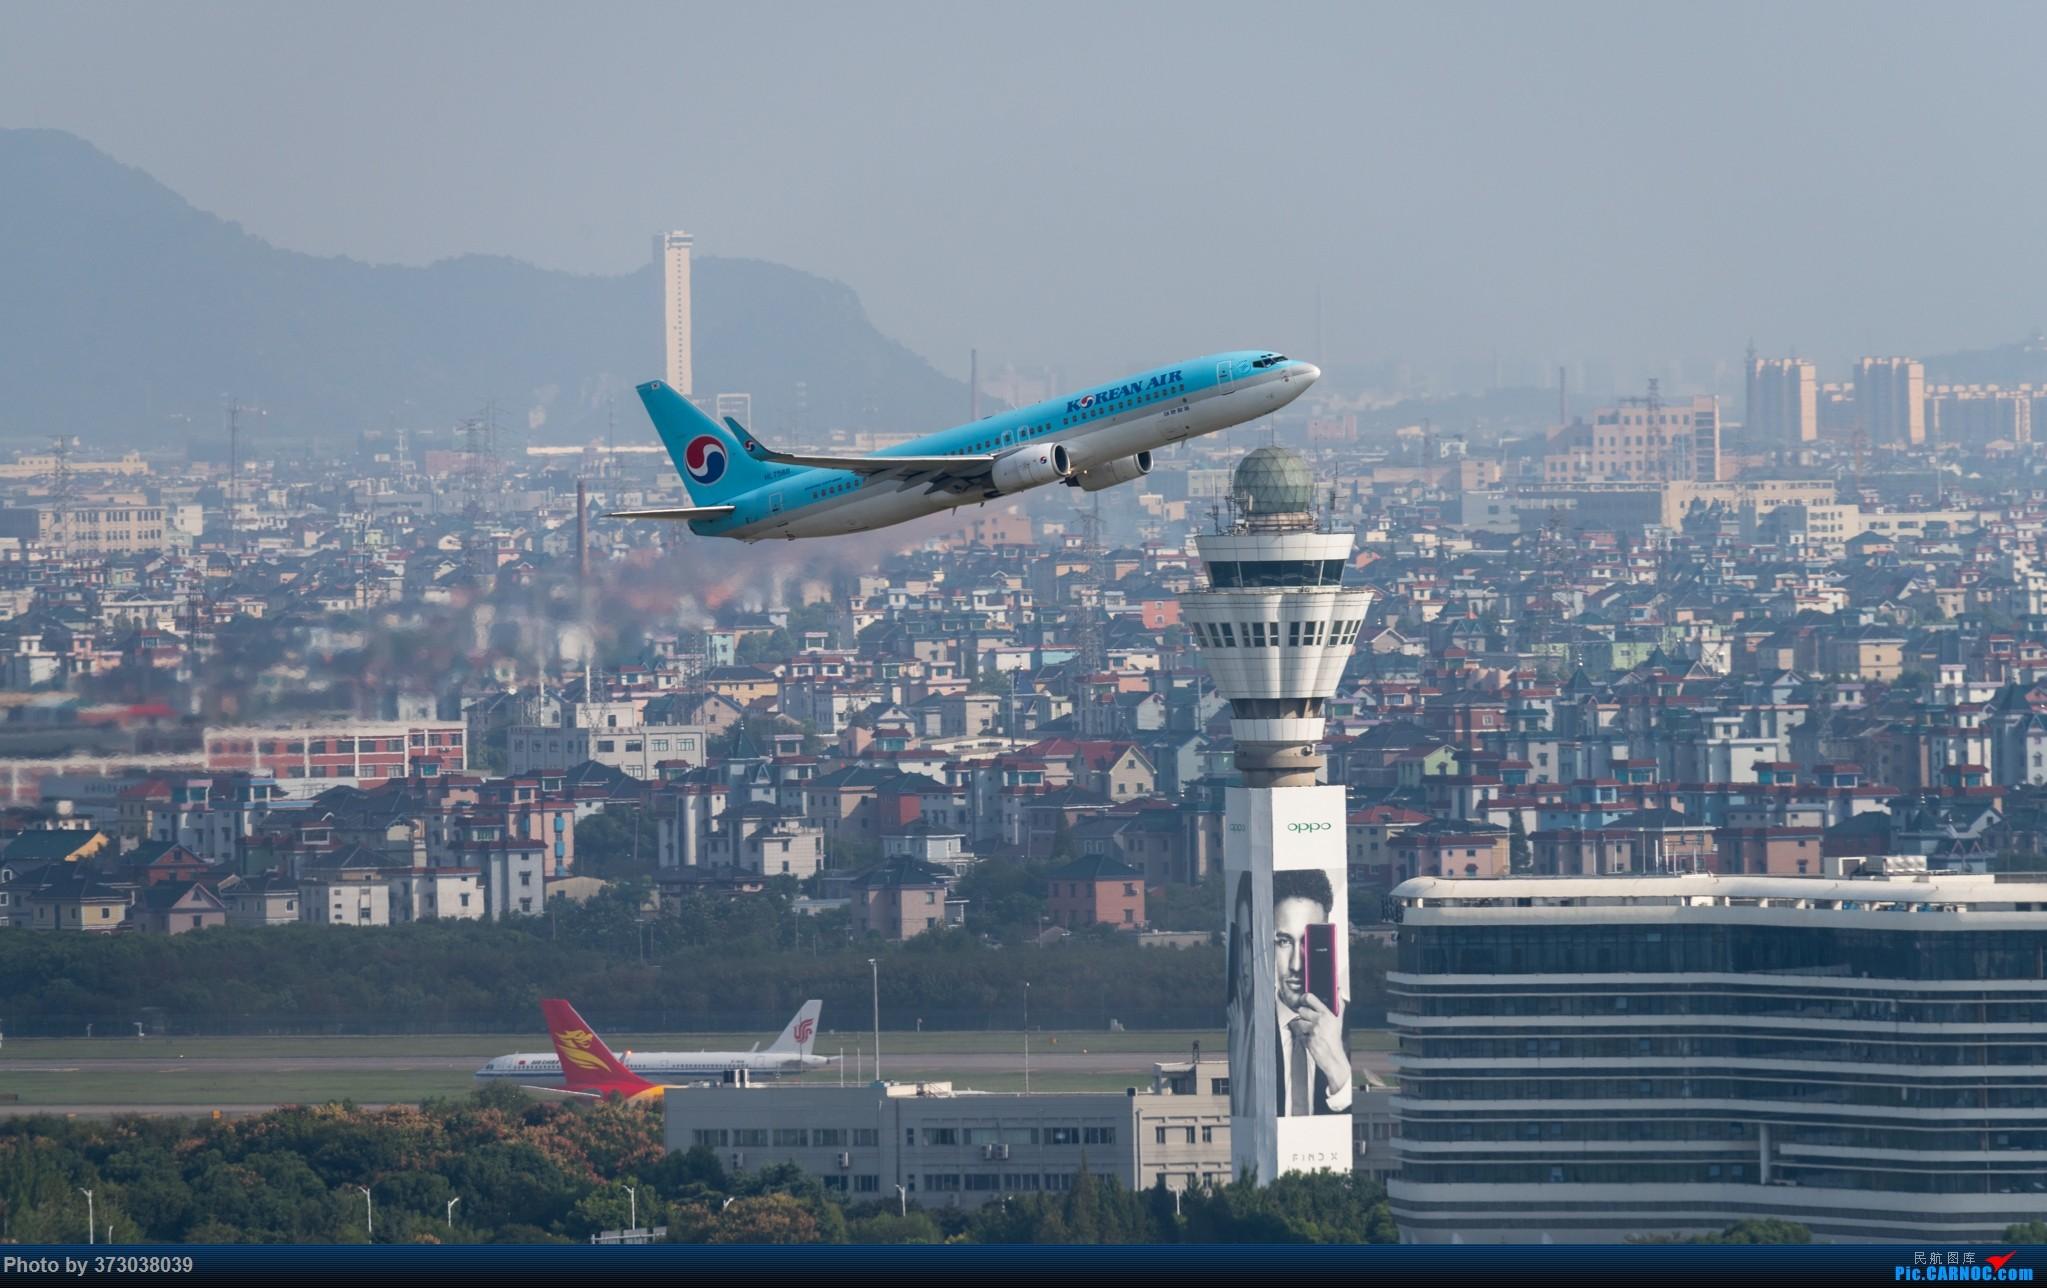 Re:[原创]山顶动人,杭州萧山国际机场 红山观光视角 BOEING 737-800 HL7566 中国杭州萧山国际机场